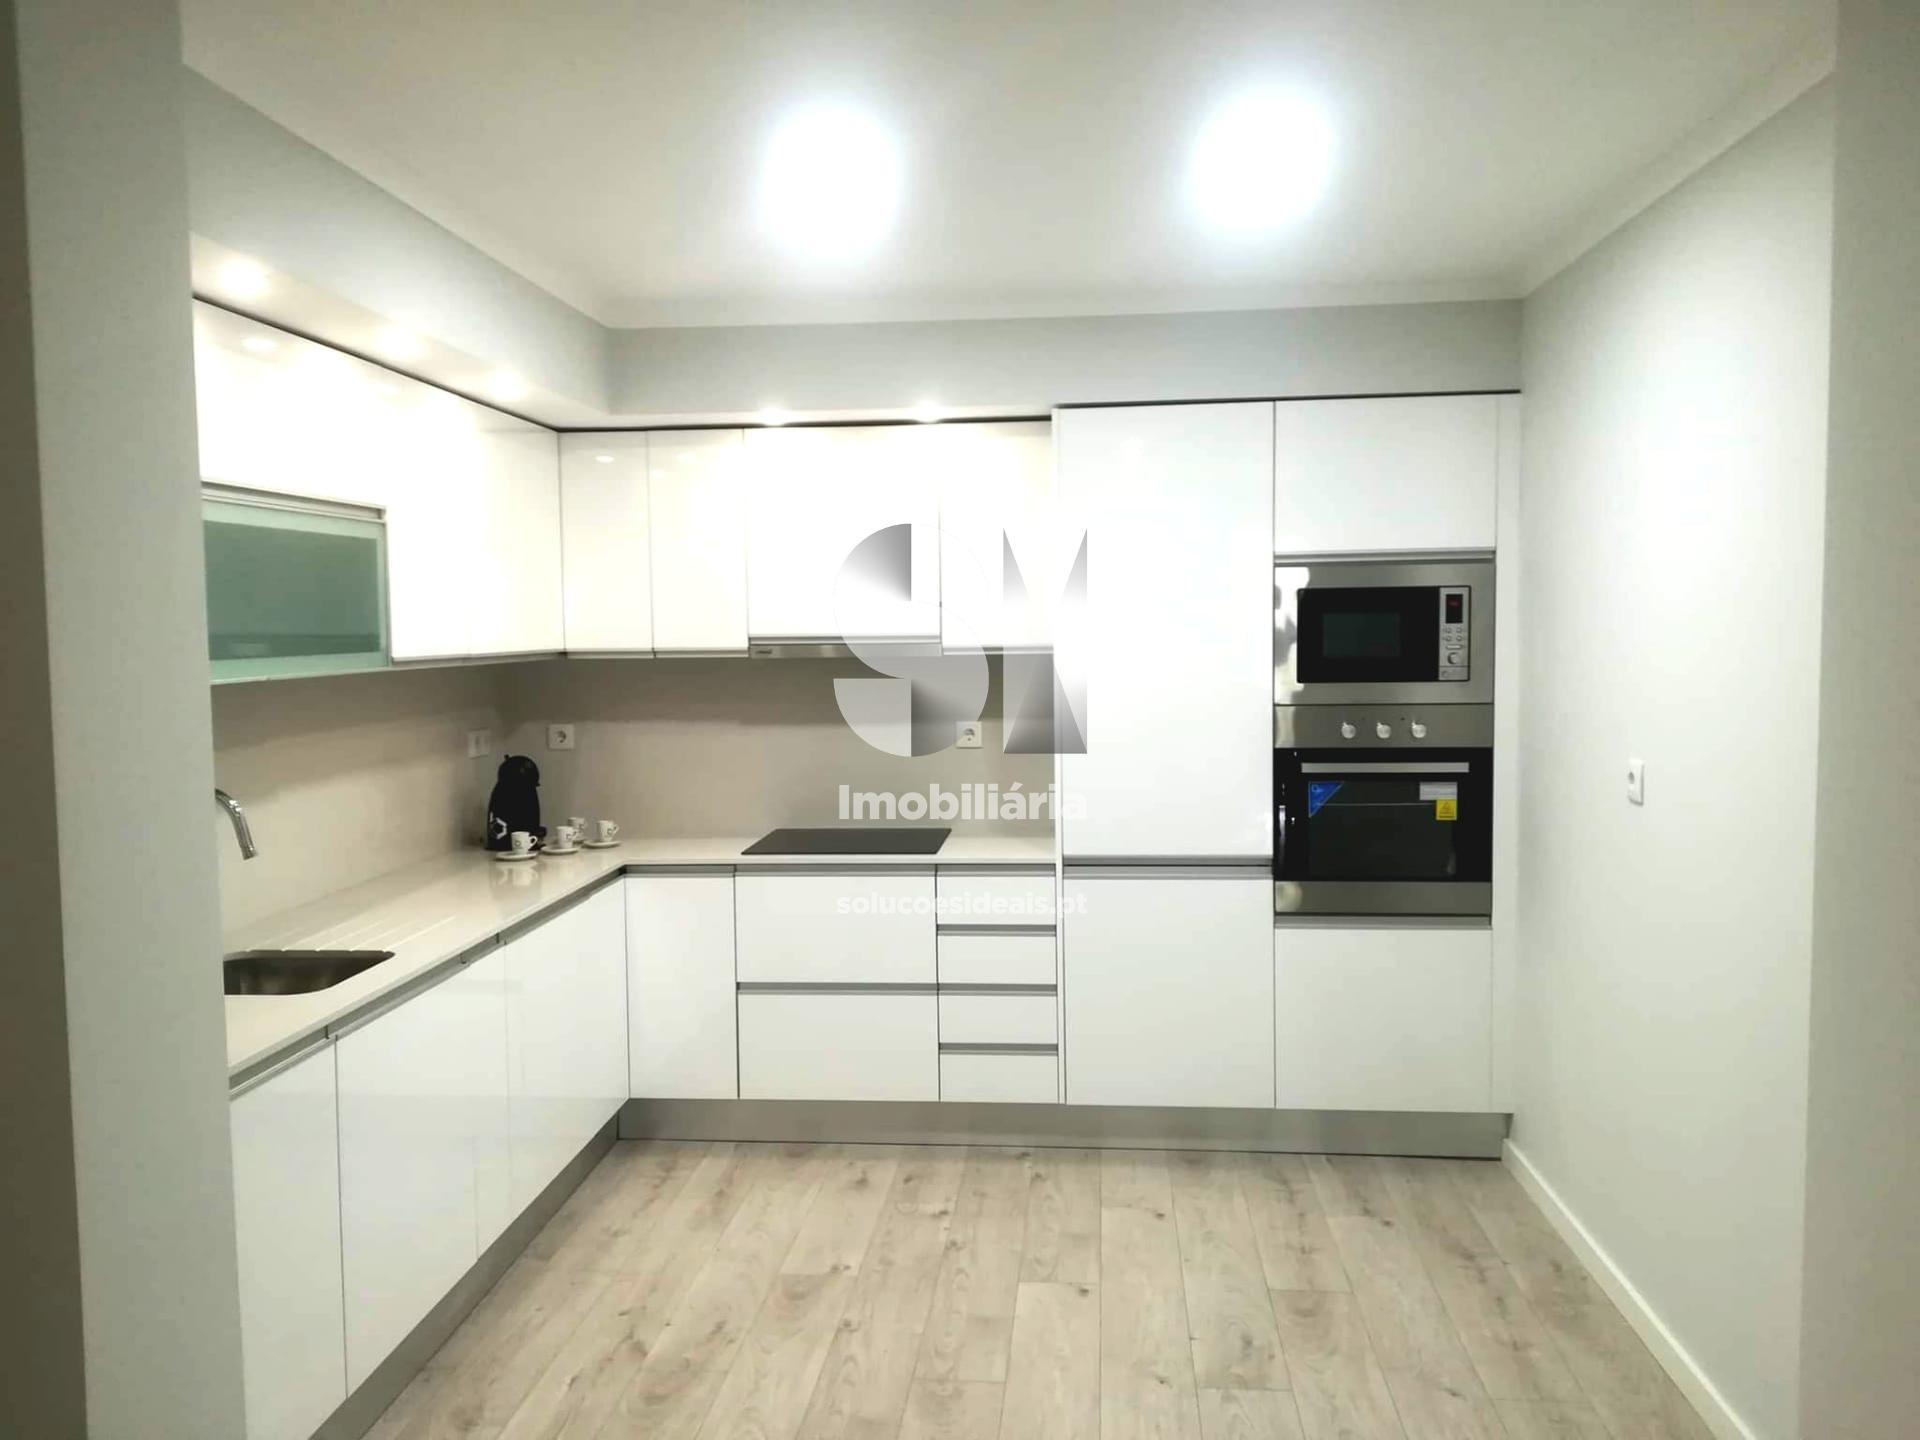 apartamento t3 para compra em almada uniao das freguesias de almada cova da piedade pragal e cacilhas ALMSB785